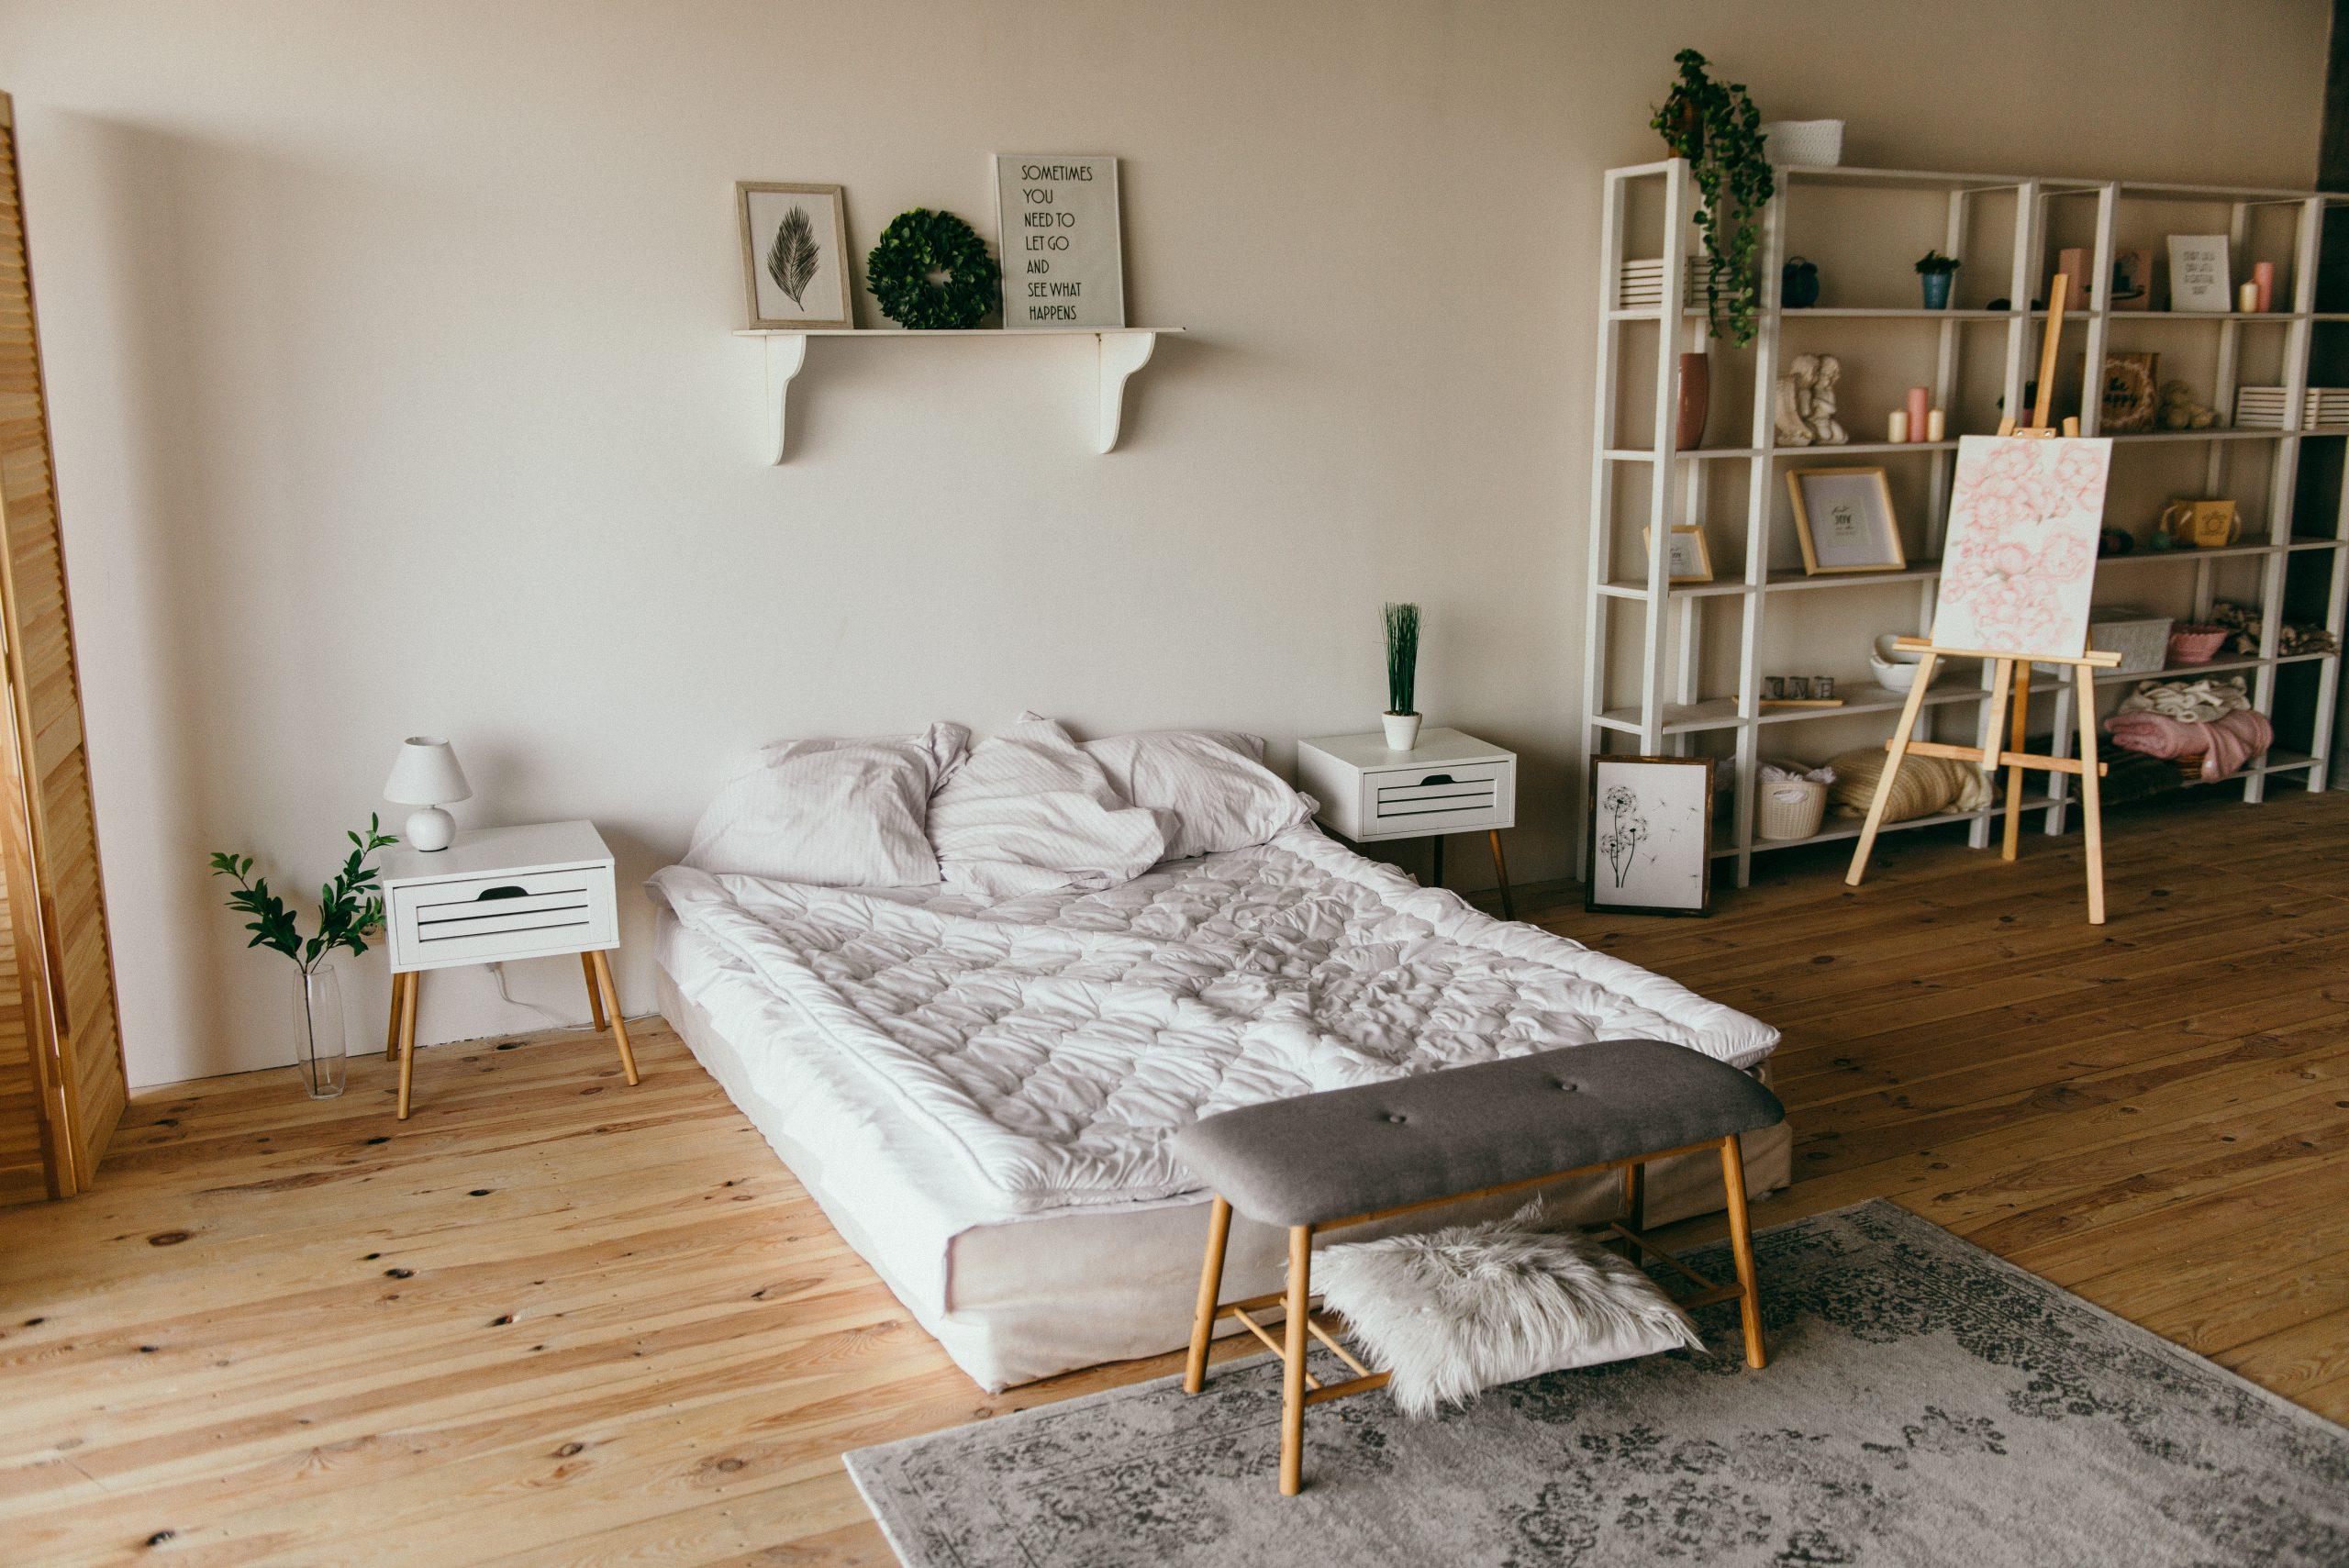 white-wooden-shelf-beside-bed-2062431